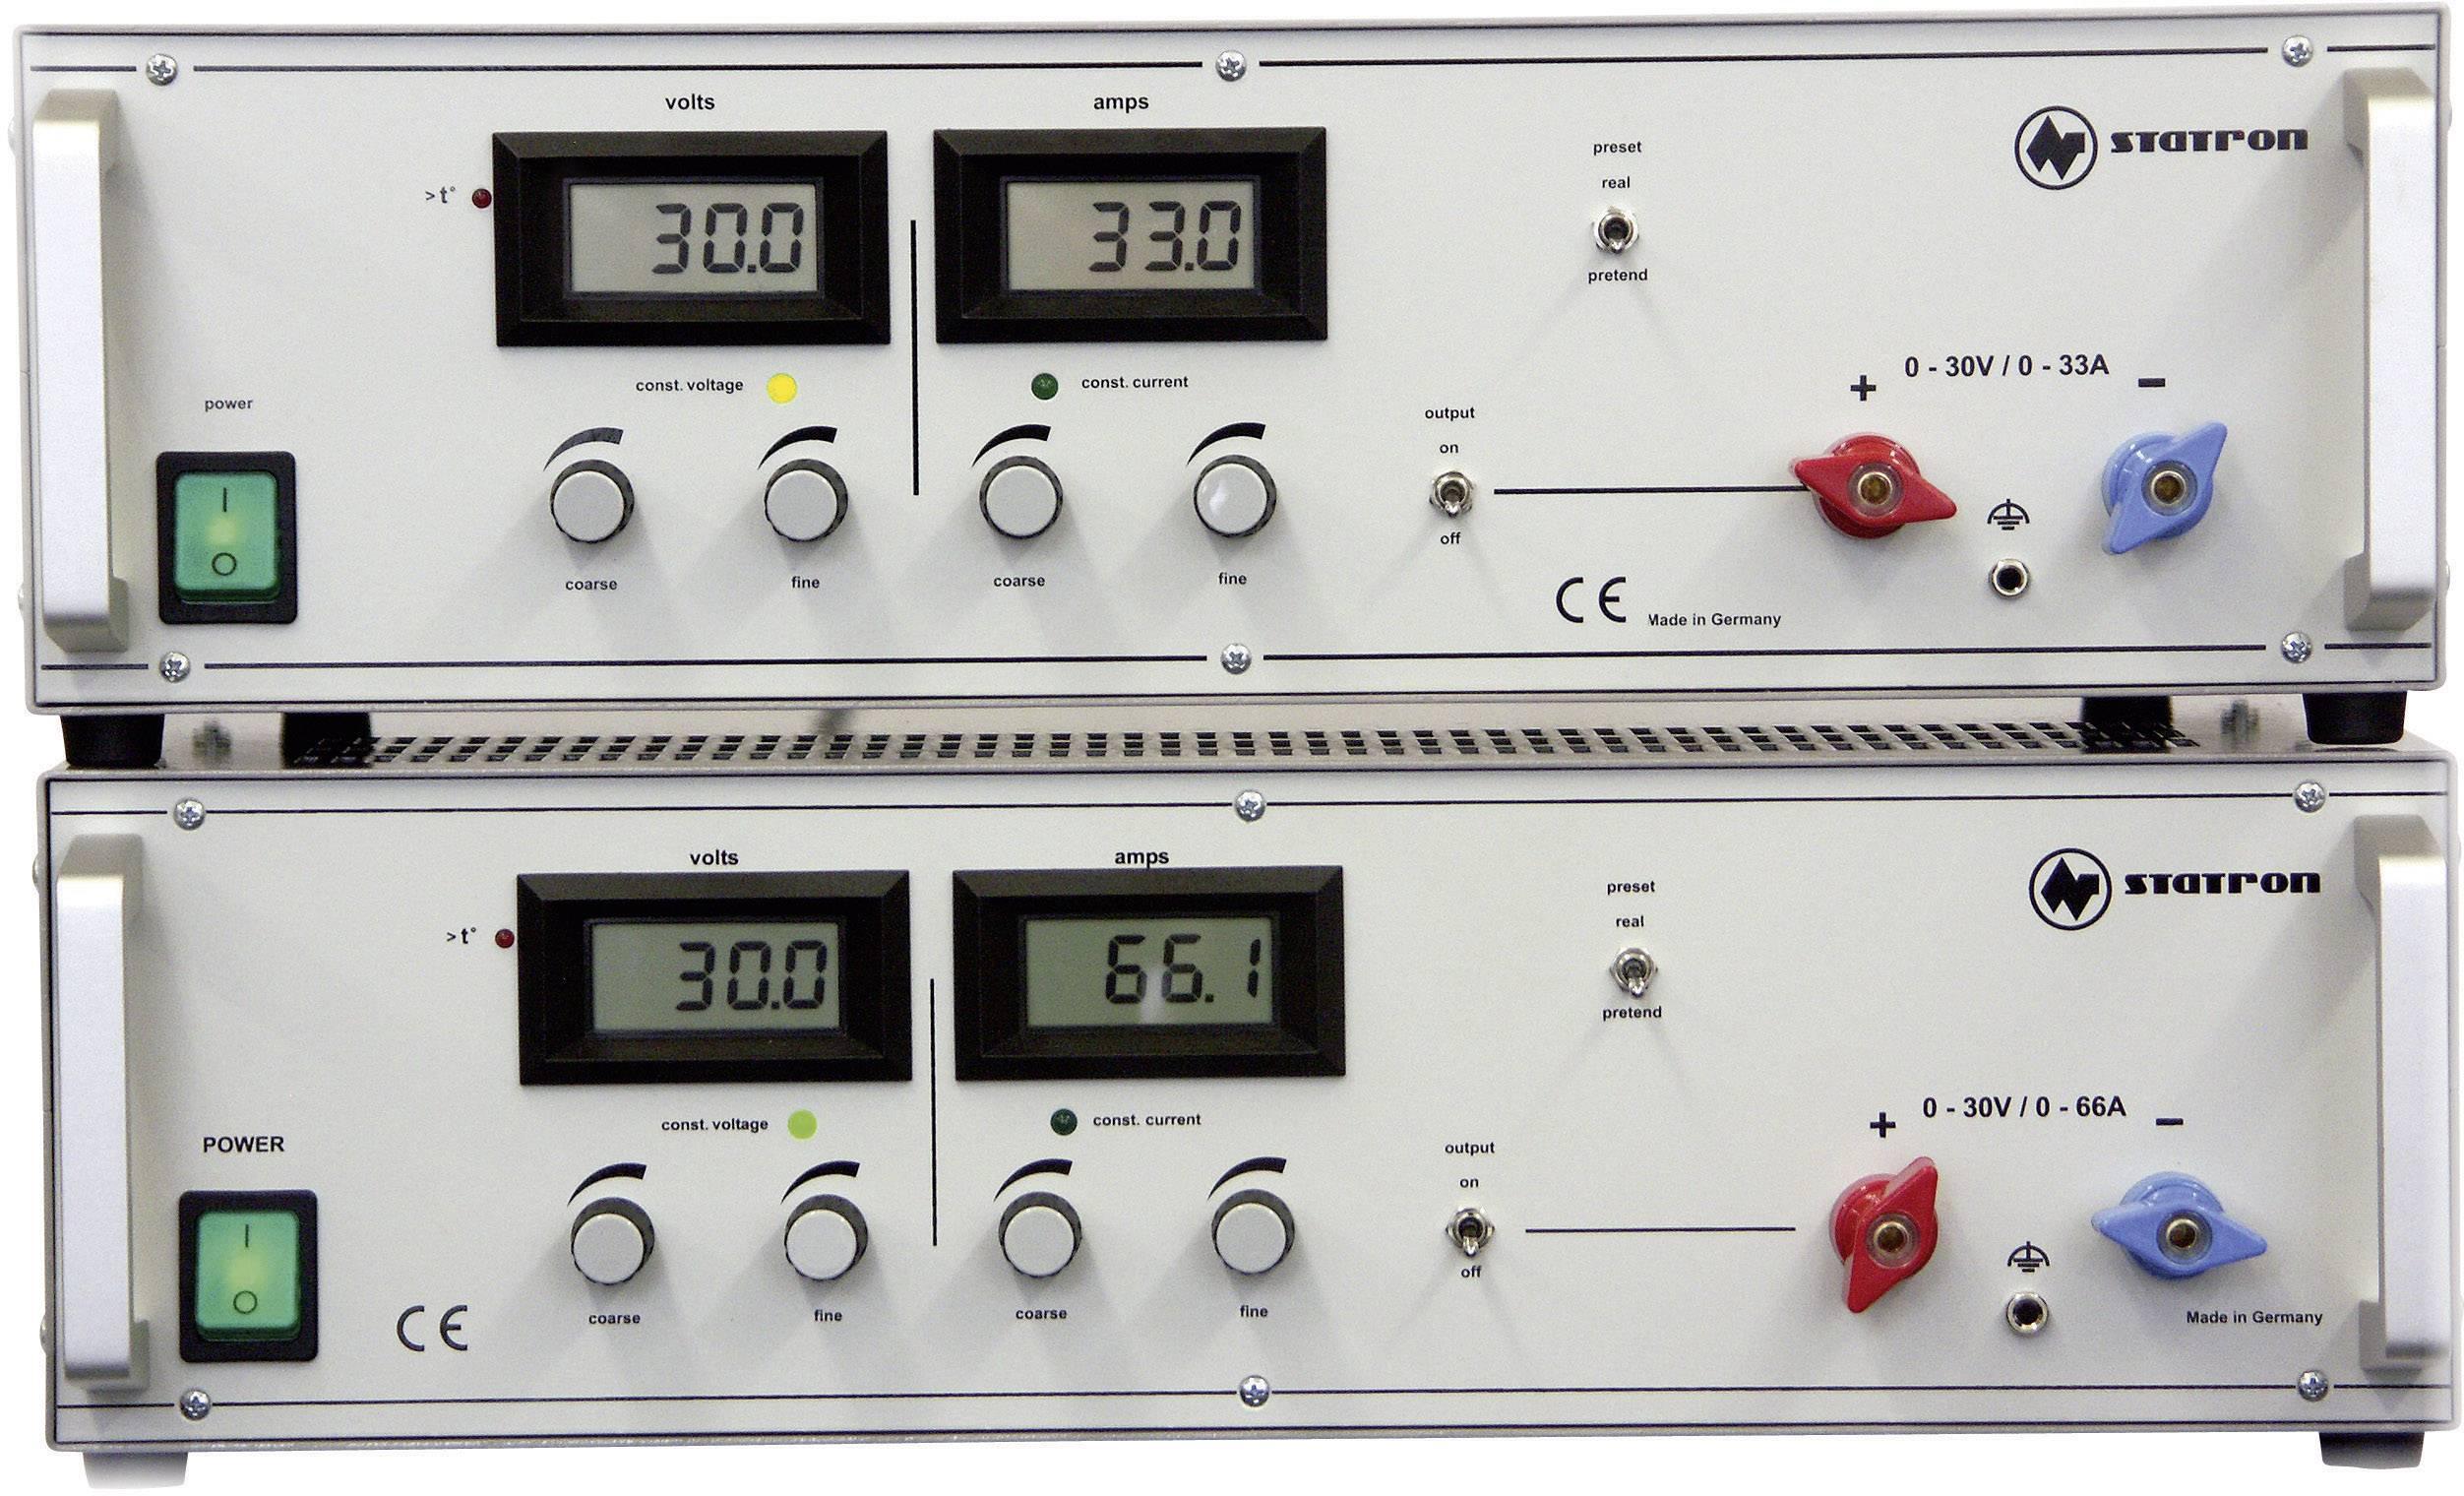 Programovatelný laboratorní síťový zdroj Statron 3654.1, 0 - 30 V/DC, 0 - 33 A, 990 W